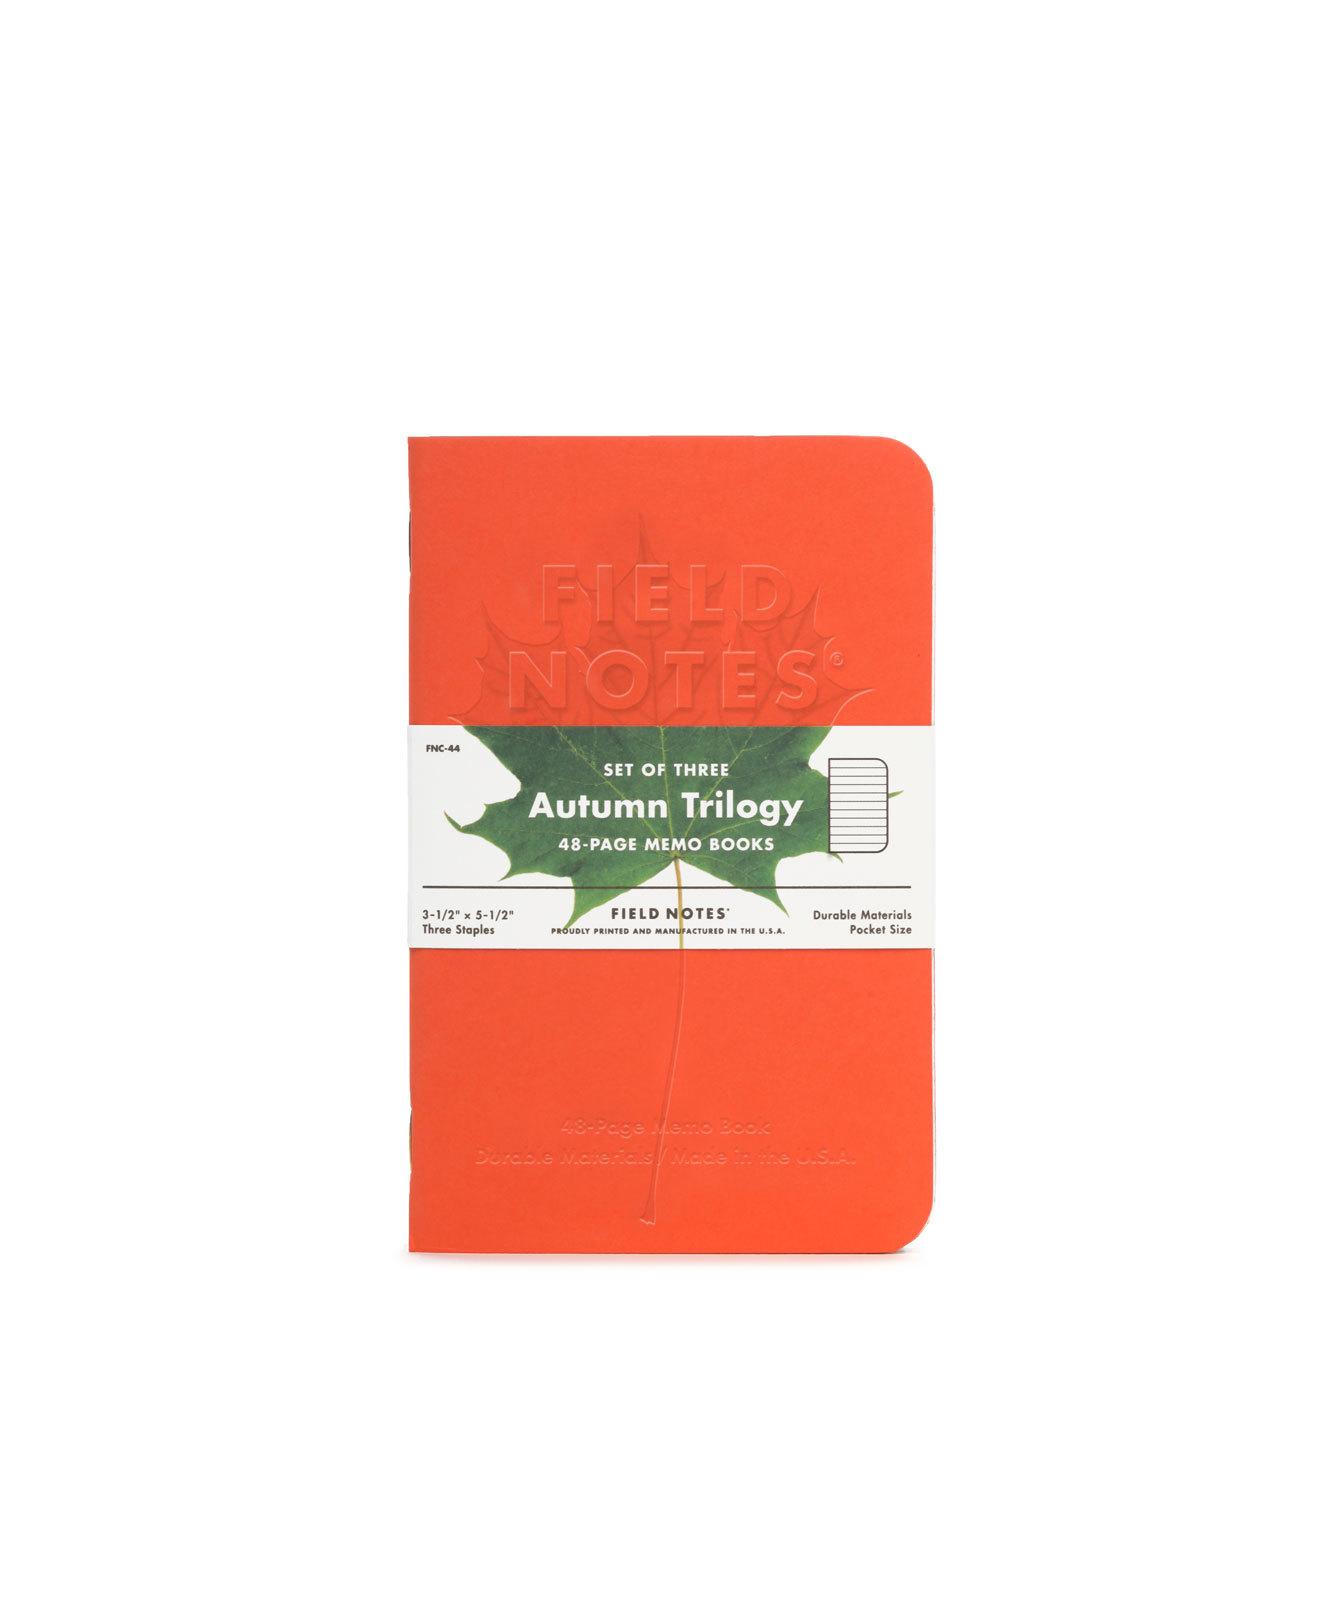 (01 quyển) Sổ FieldNotes - AUTUMN TRILOGY (FNC-44 Sổ Kẻ ngang - 48 trang - Hình lá phong dập chìm - Kích thước 8.9cm × 14cm - 3½